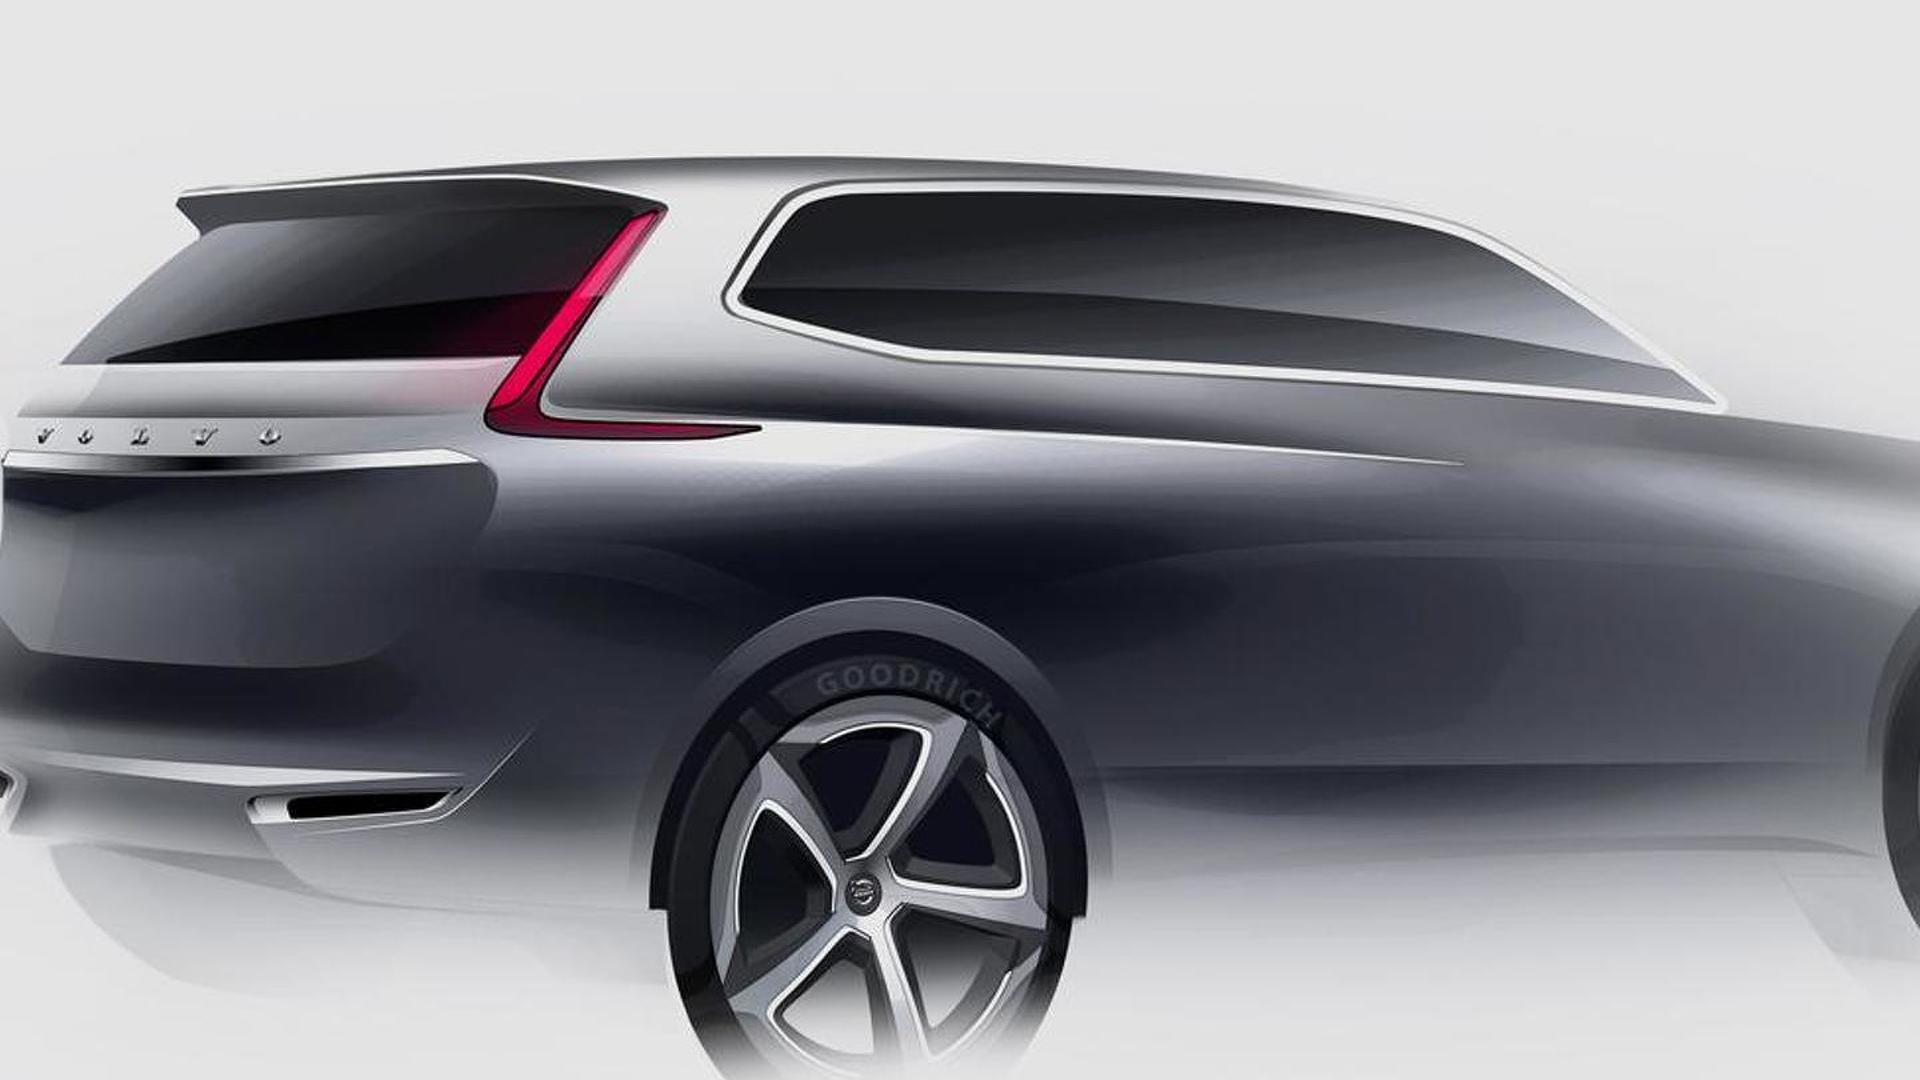 2015 Volvo XC90 comes into focus - rumors